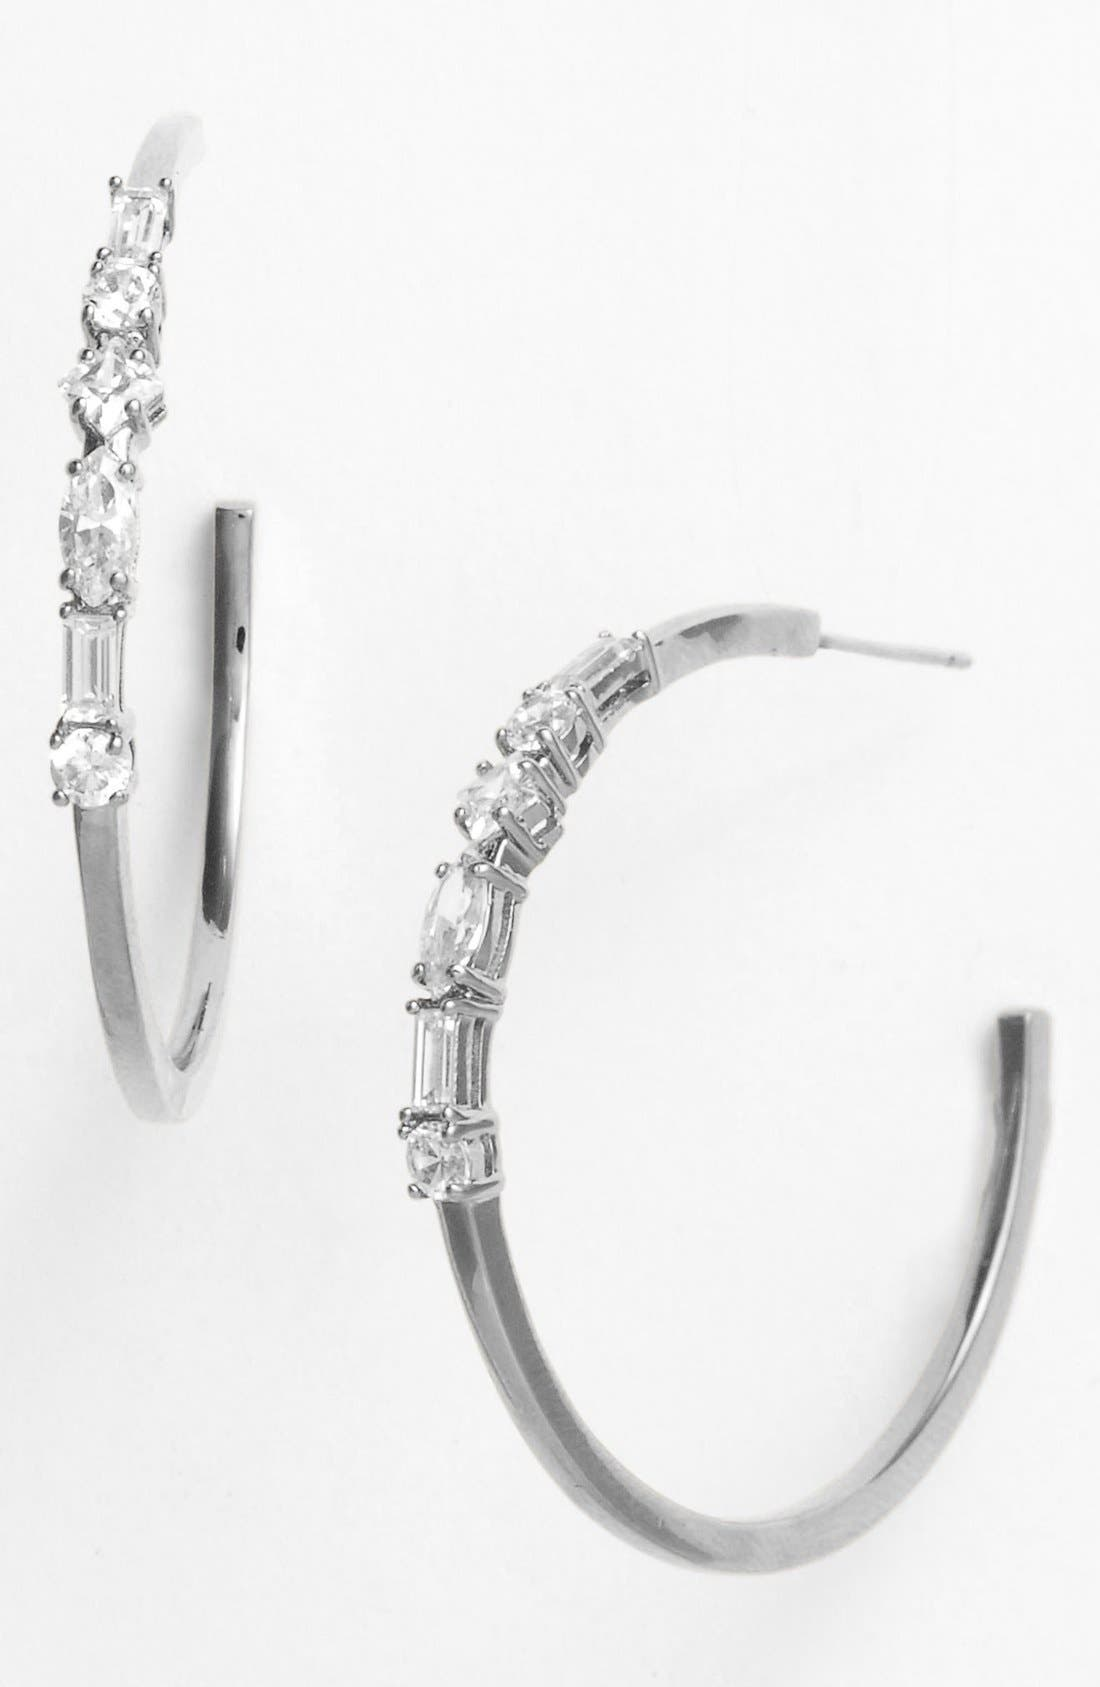 Main Image - Nadri Mixed Cut Hoop Earrings (Nordstrom Exclusive)